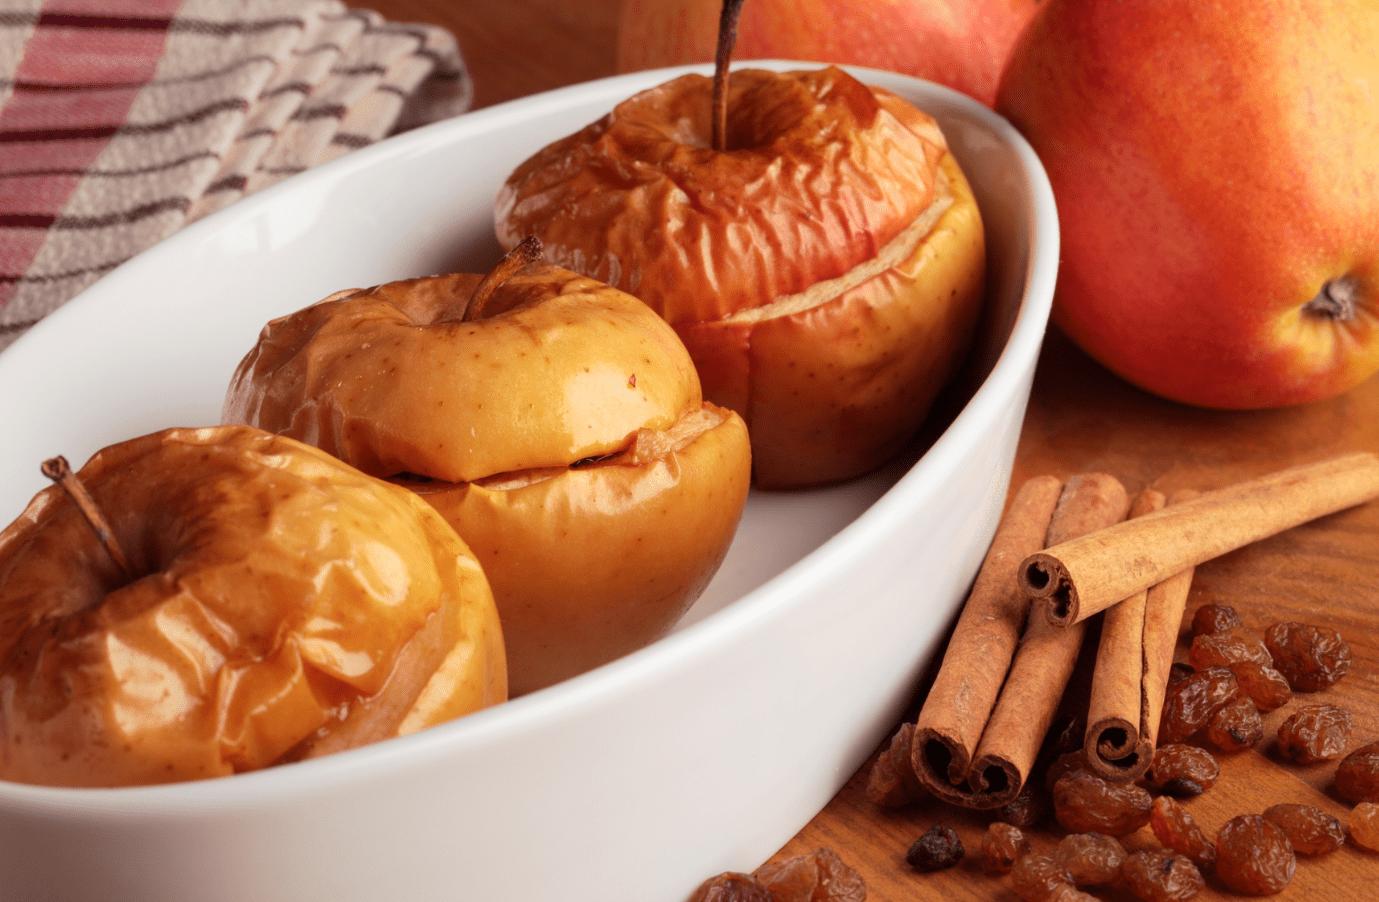 Печеные Яблоки При Диете 5. Печеные яблоки: низкокалорийный и очень полезный десерт